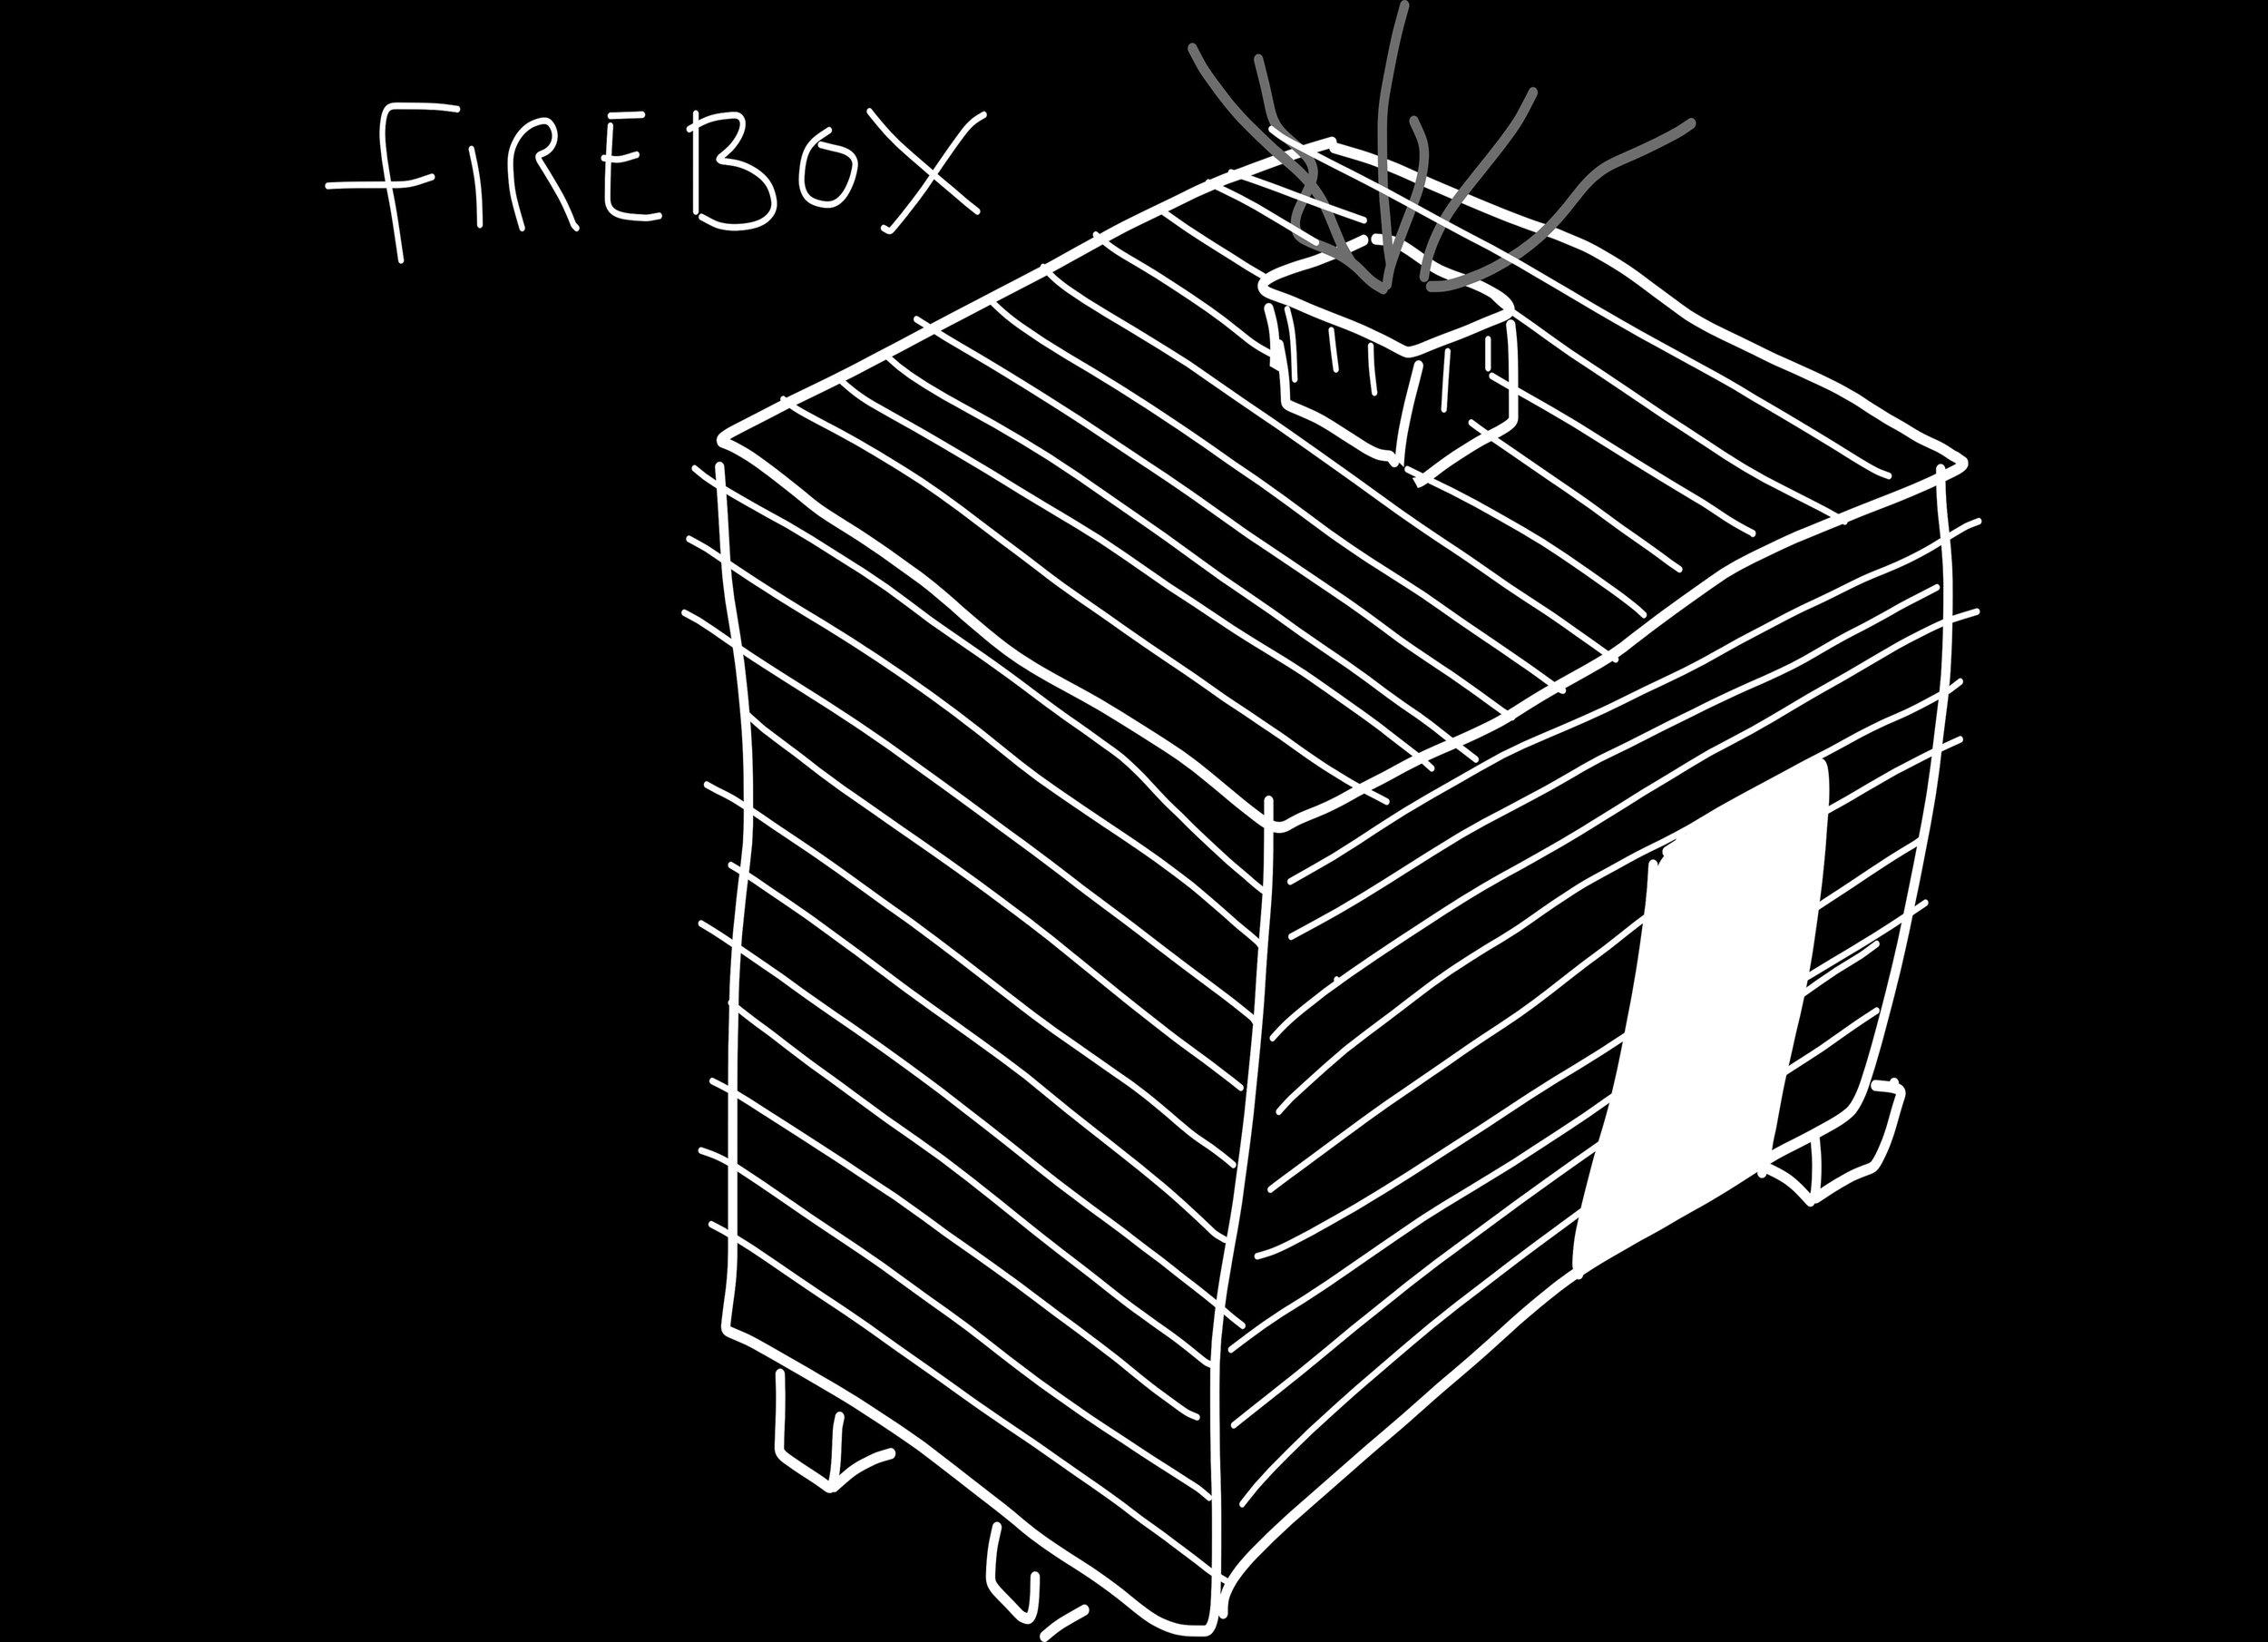 Firebox Inverse.jpg